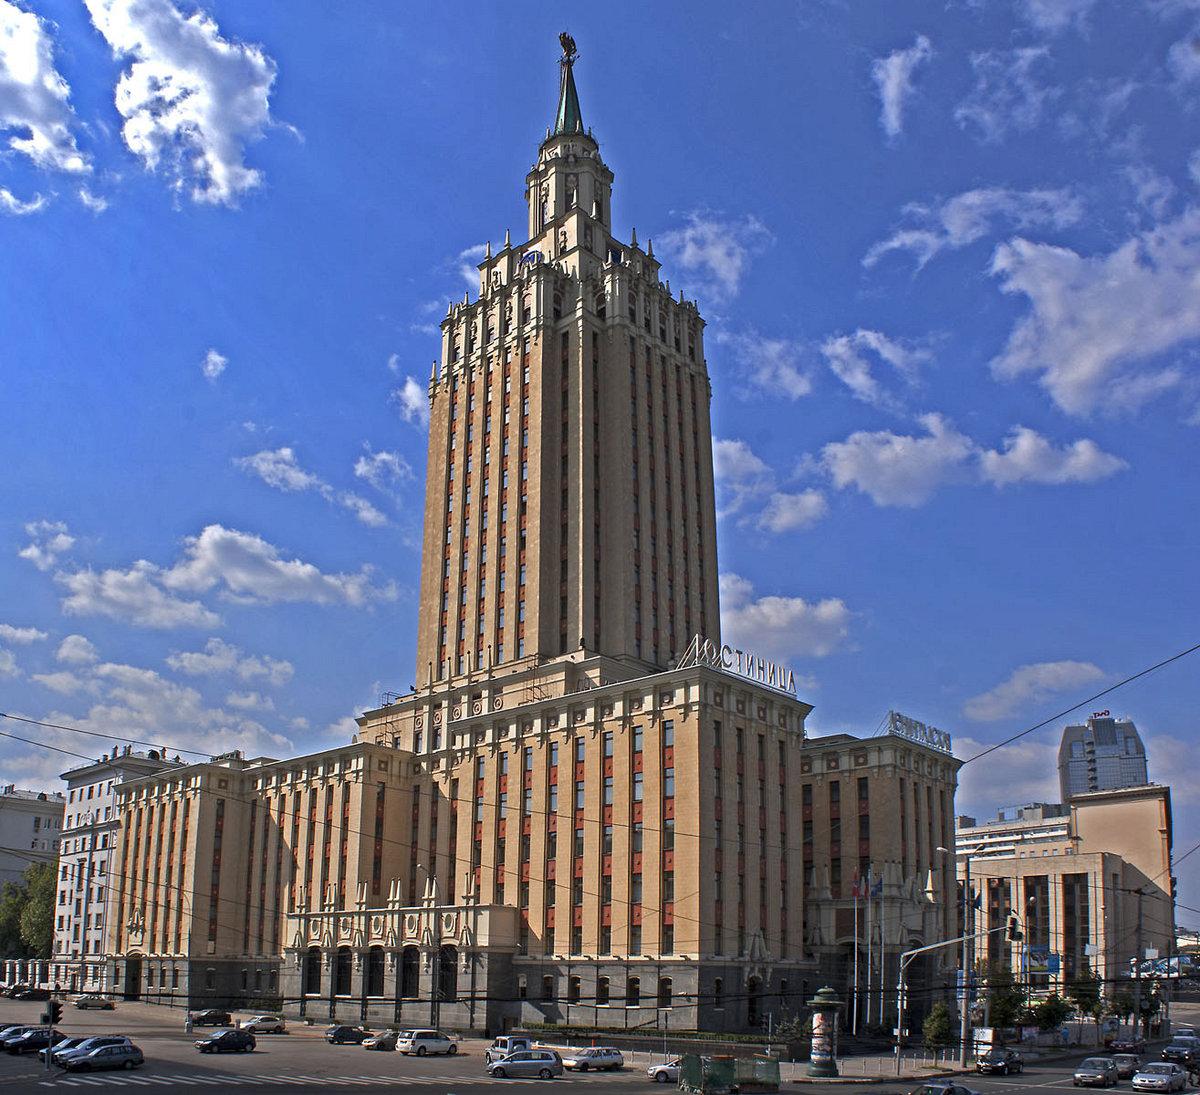 известные здания москвы фото и названия того, что без